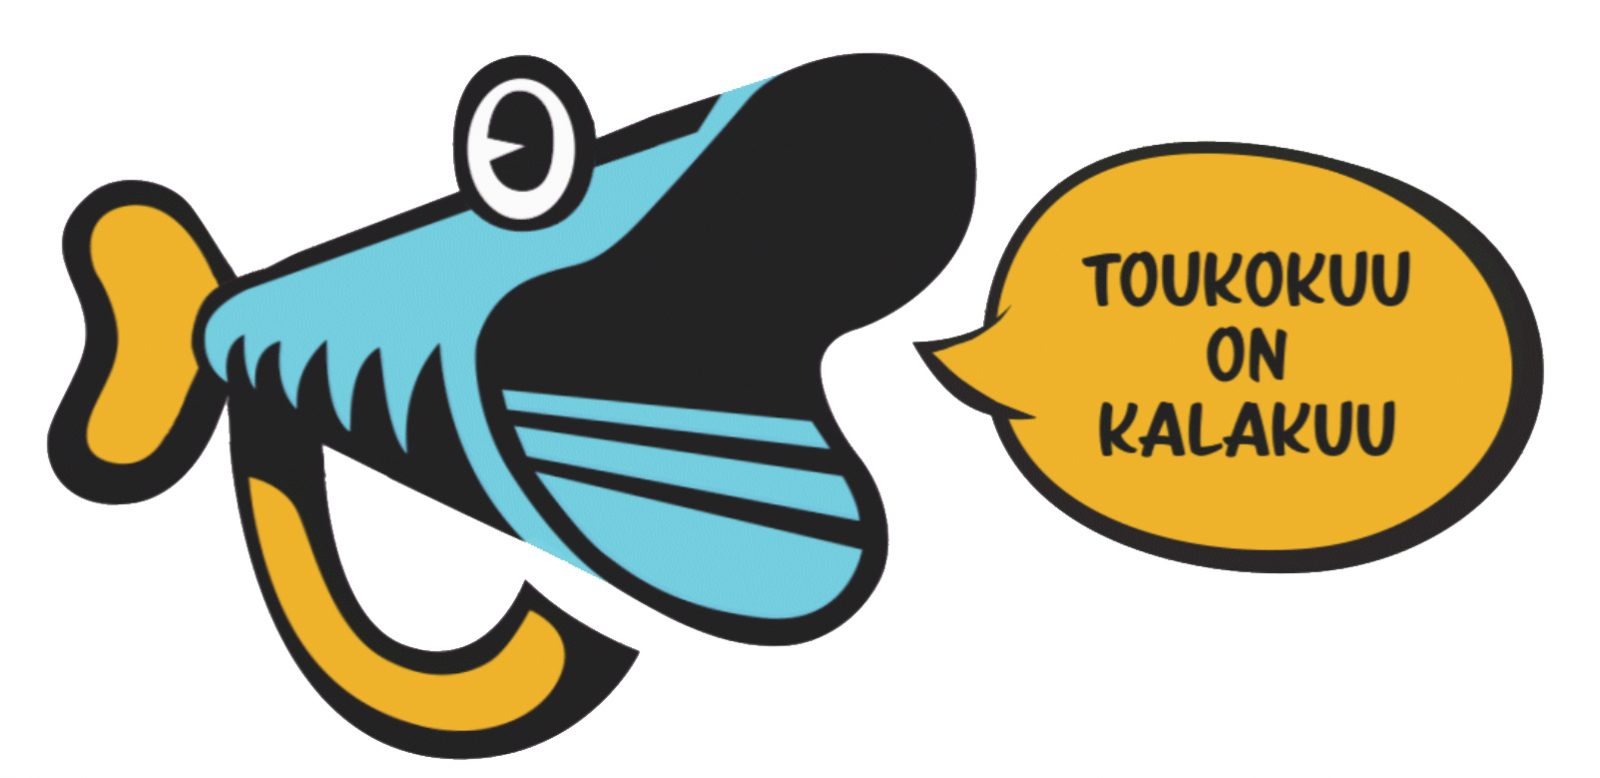 Pro Kalan logo ja teksti: Toukokuu on kalakuu